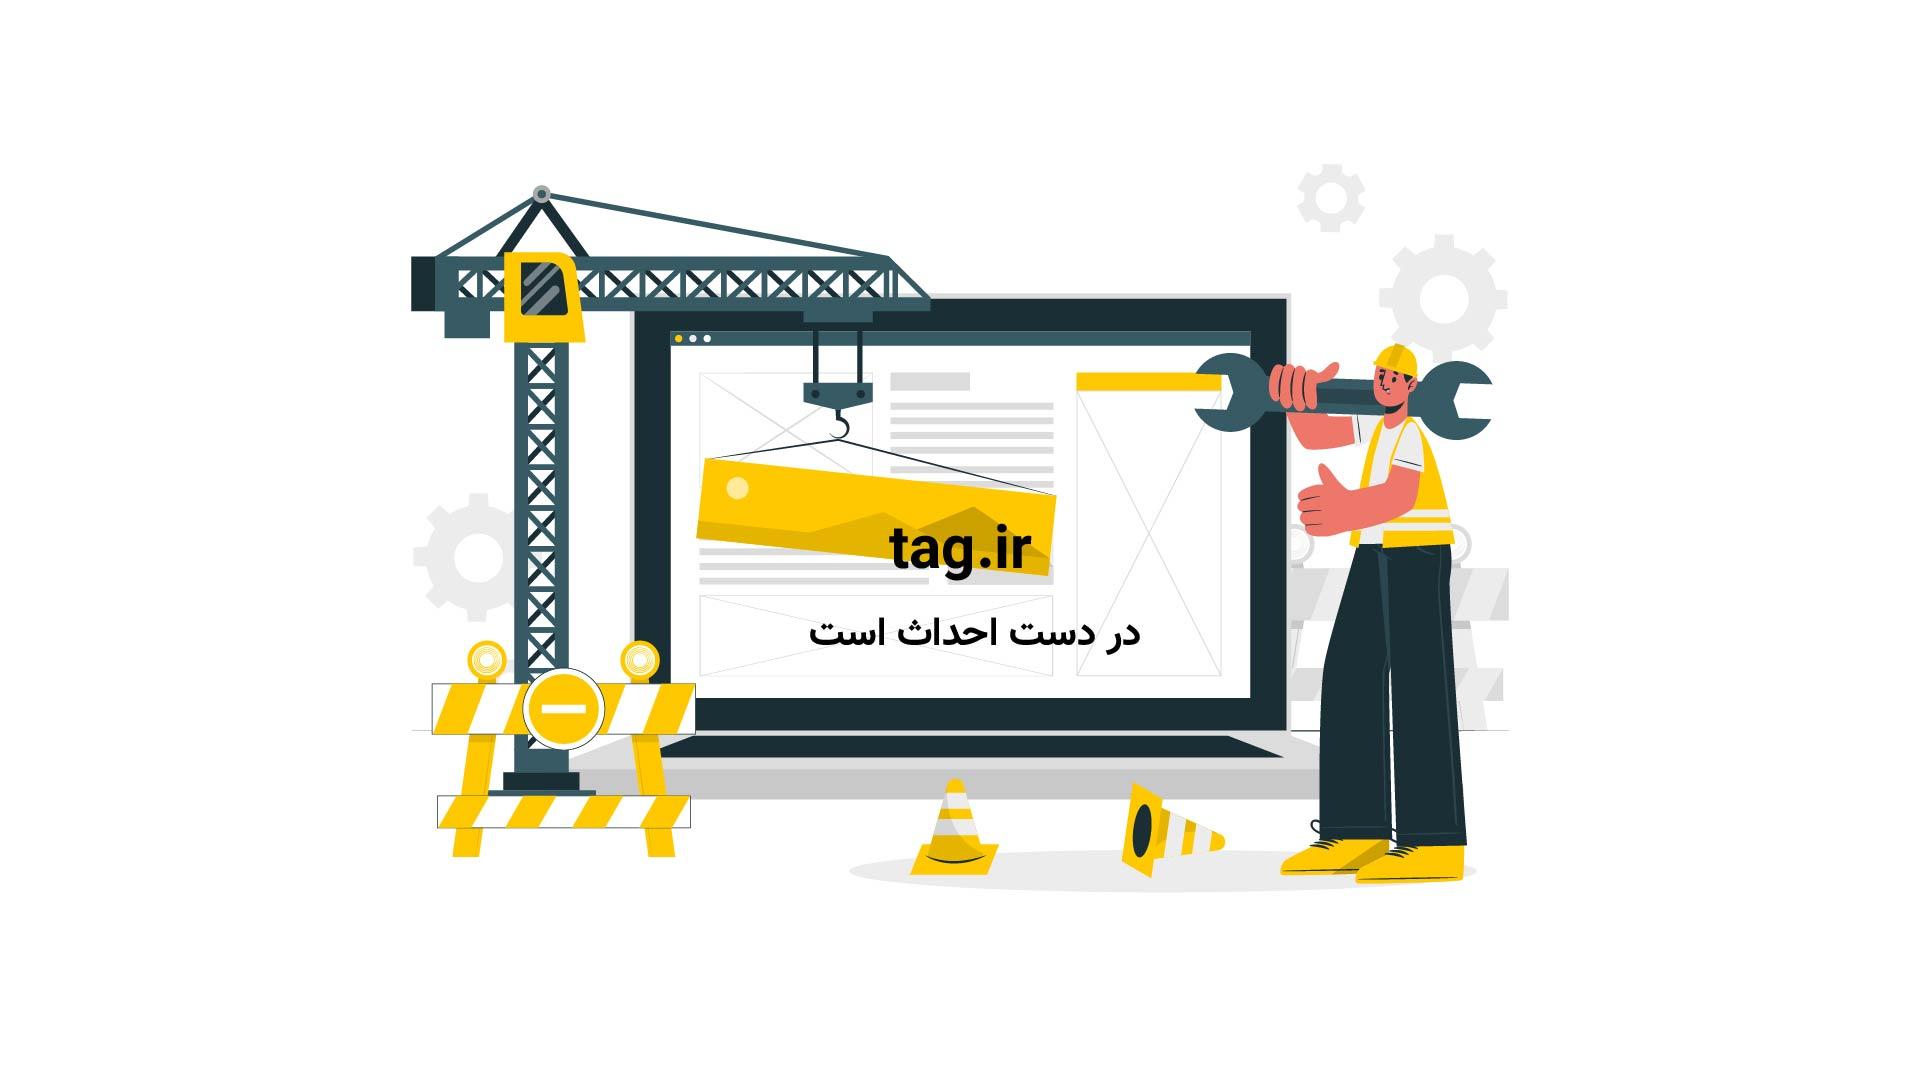 نمایی از دانشگاه آکسفورد